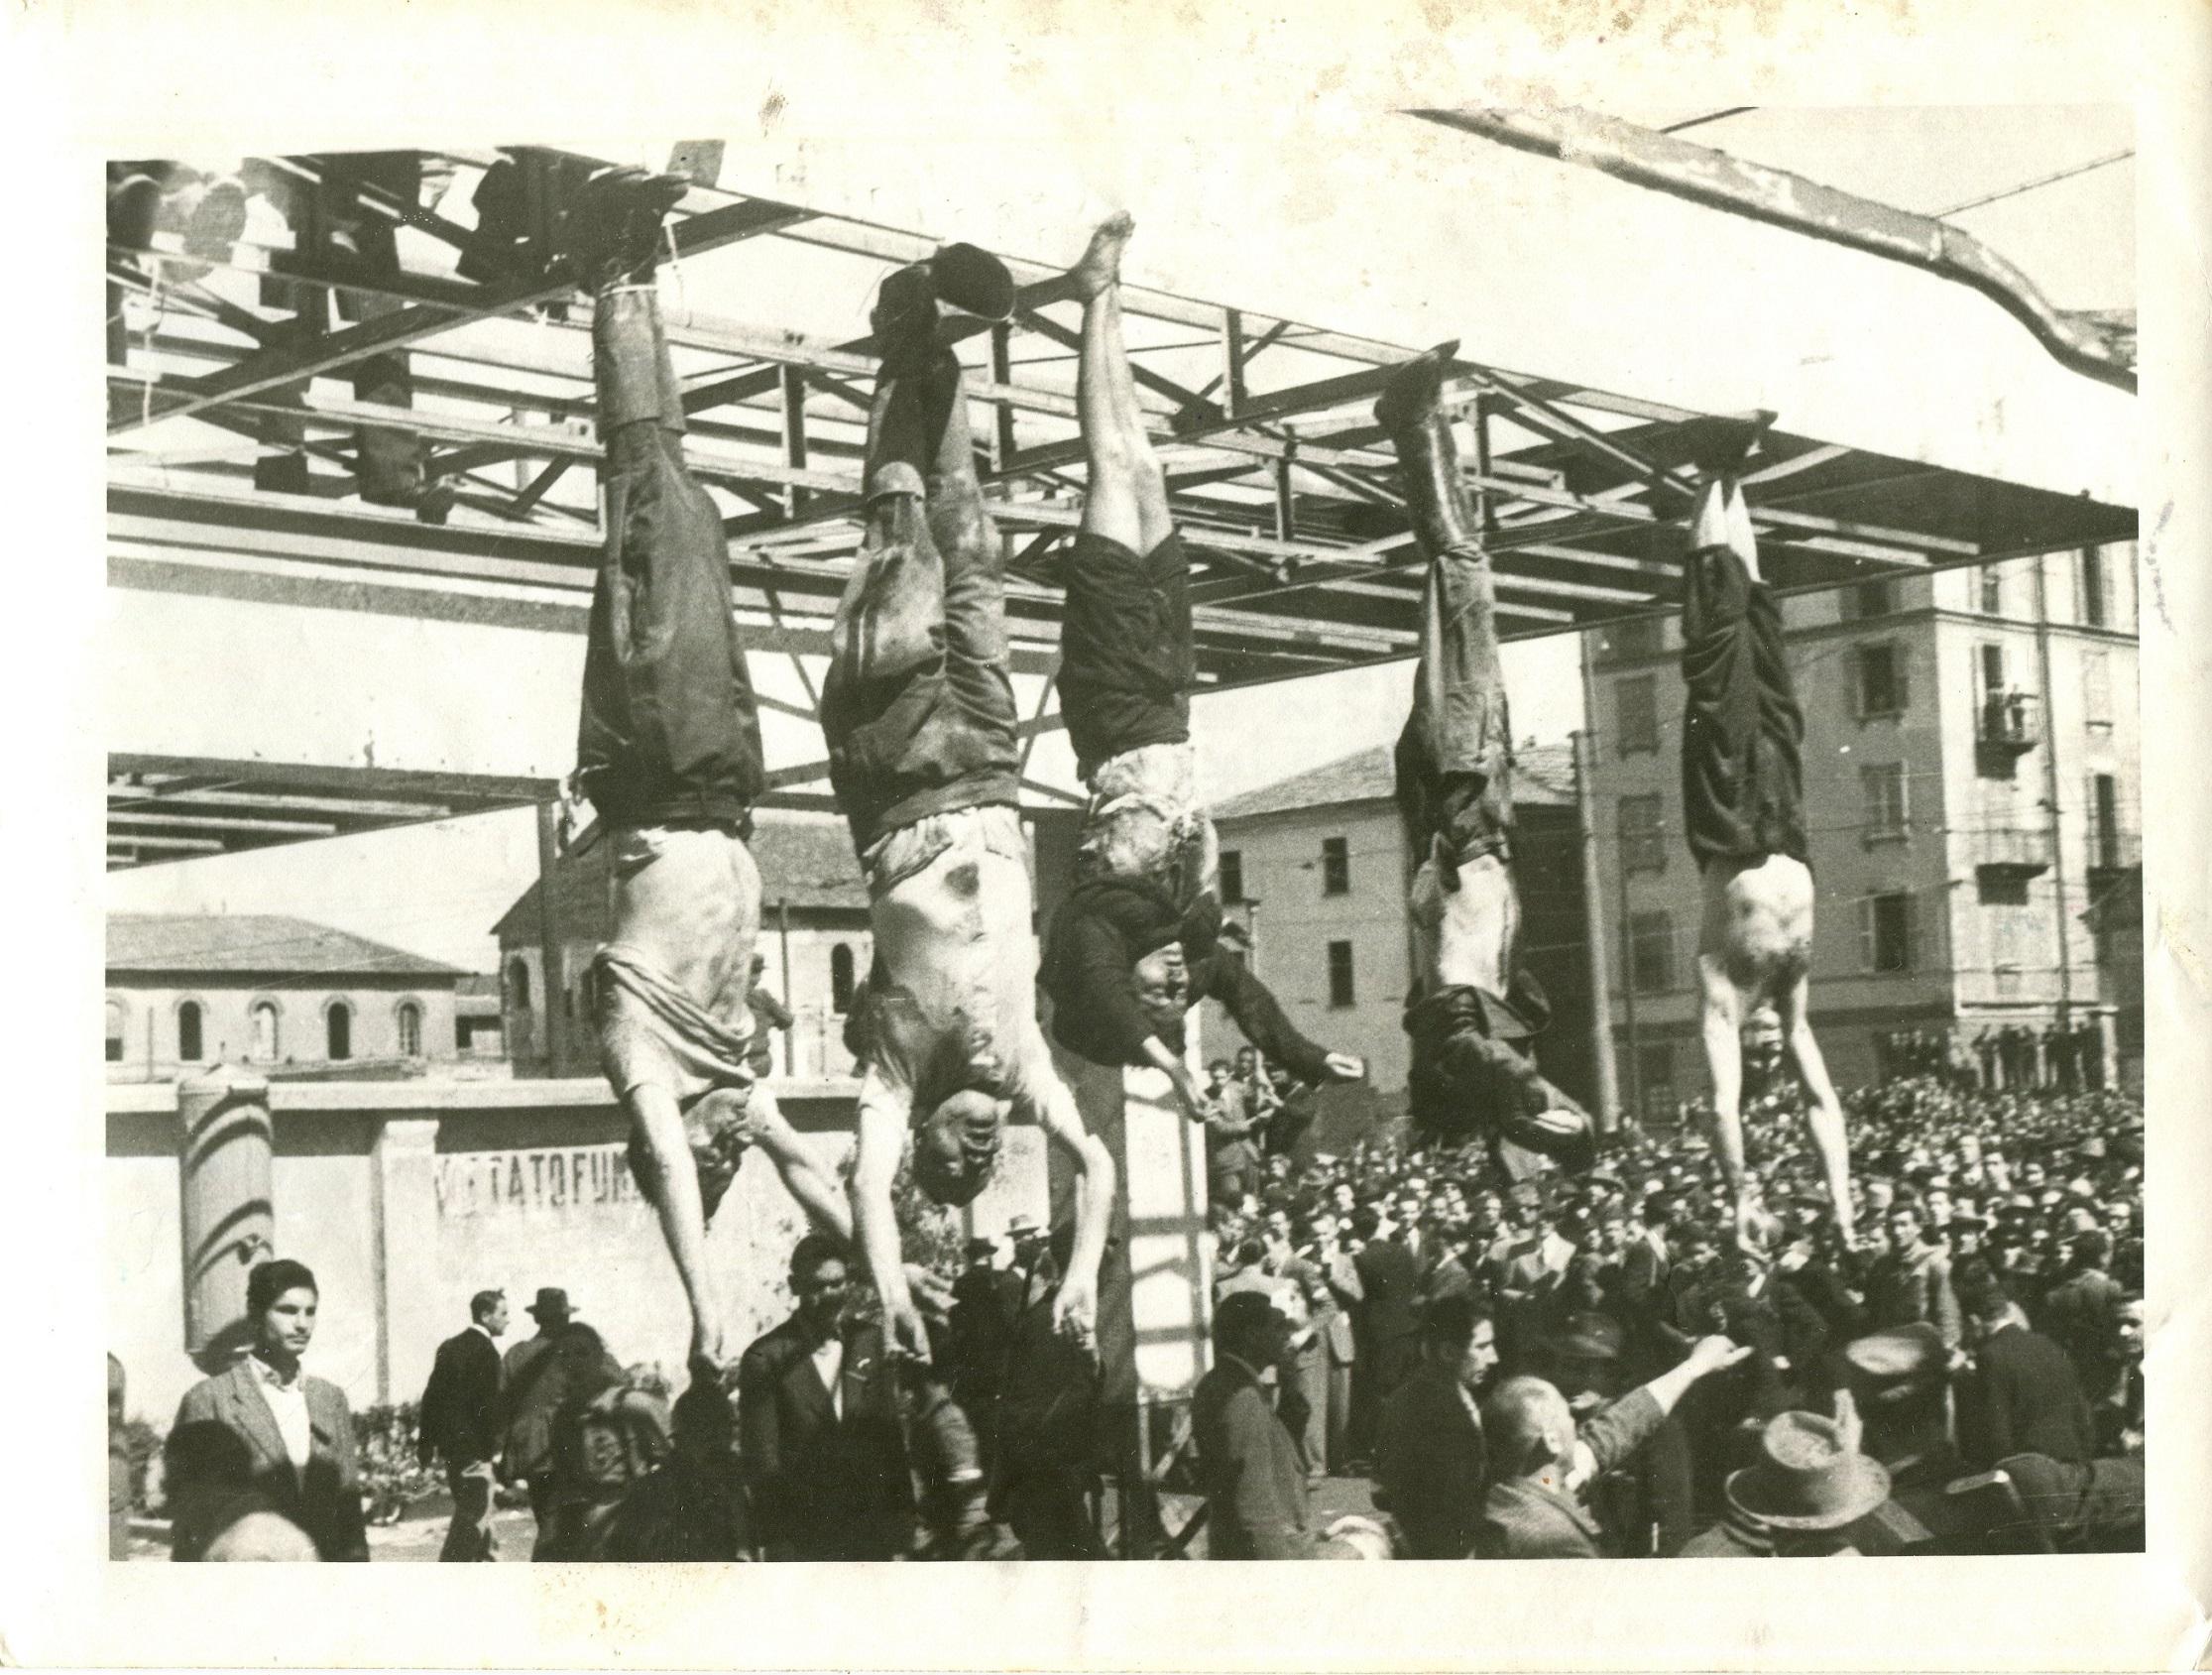 vogliono la guerra! - Pagina 3 Mussolini_e_Petacci_a_Piazzale_Loreto,_1945